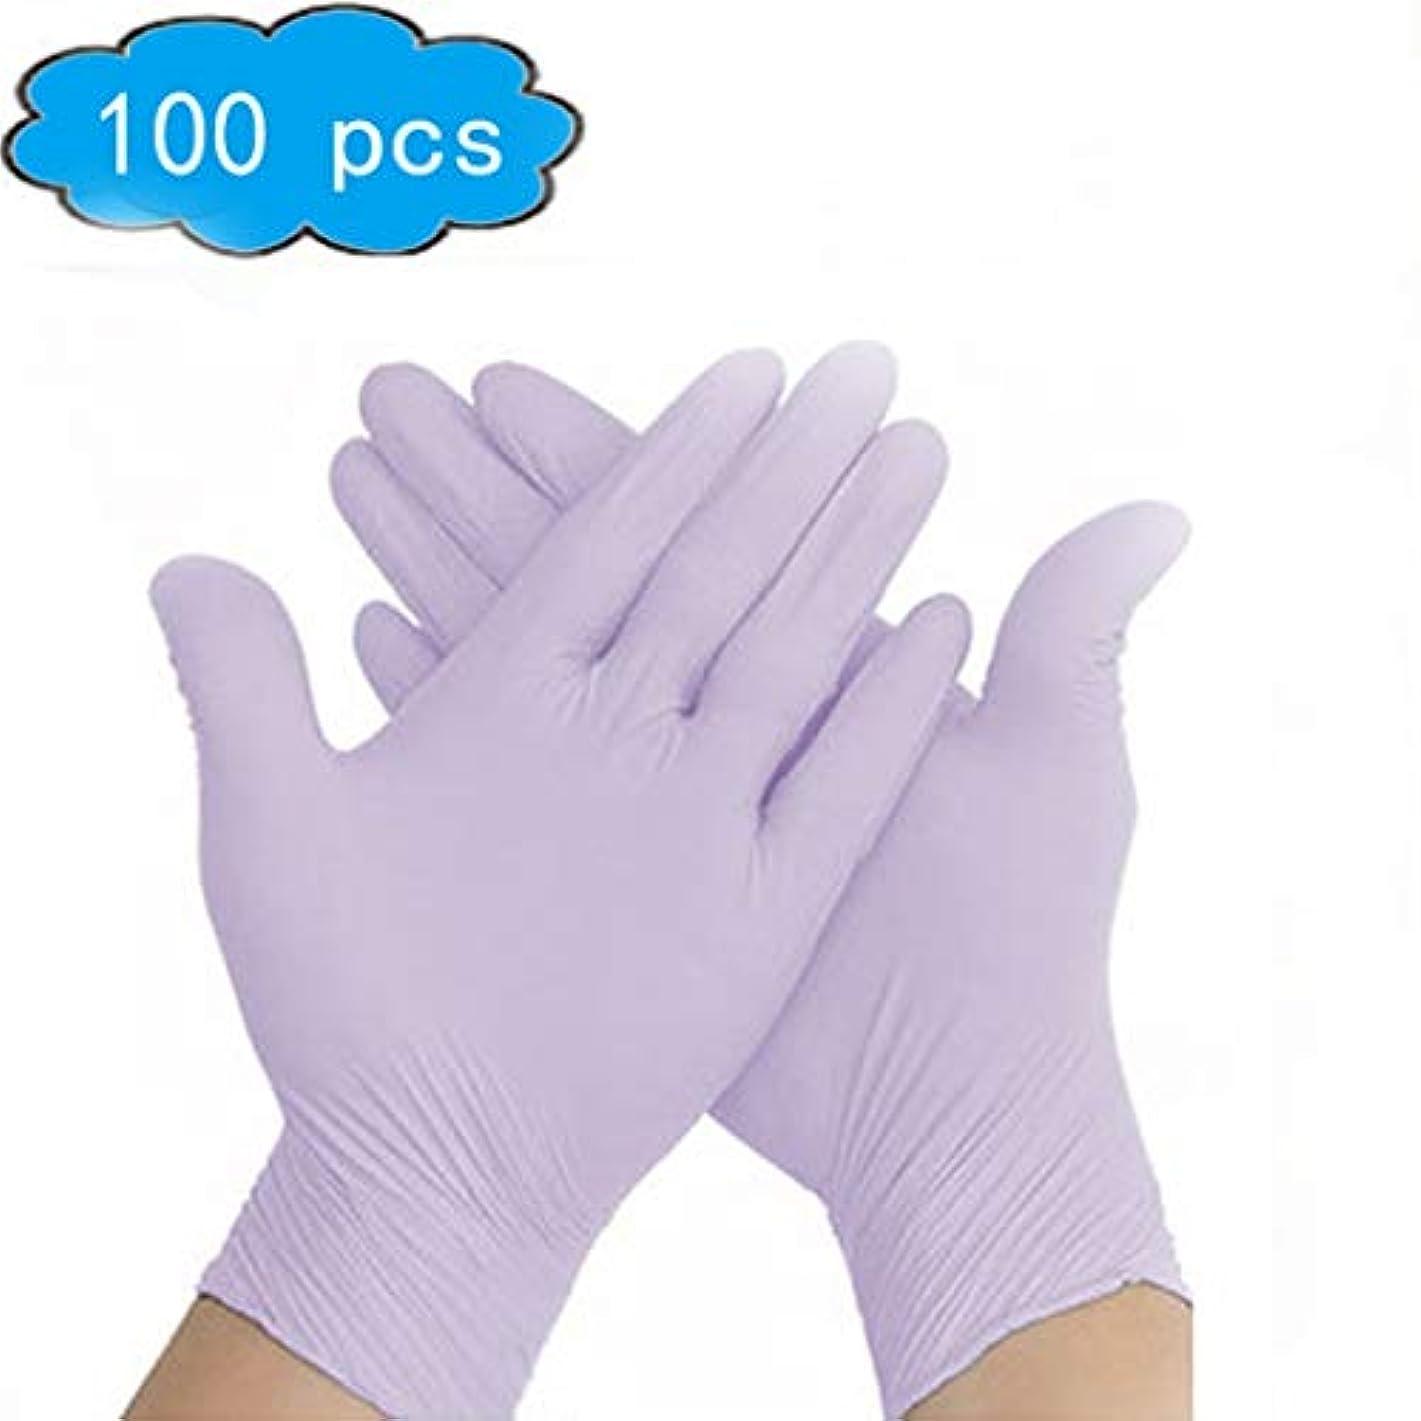 シード飾り羽同級生ニトリル手袋 - 医療用グレード、パウダーフリー、使い捨て、非滅菌、食品安全、テクスチャード加工、紫色、便利なディスペンサーパッケージ100、中サイズ、サニタリー手袋 (Color : Purple, Size : L)